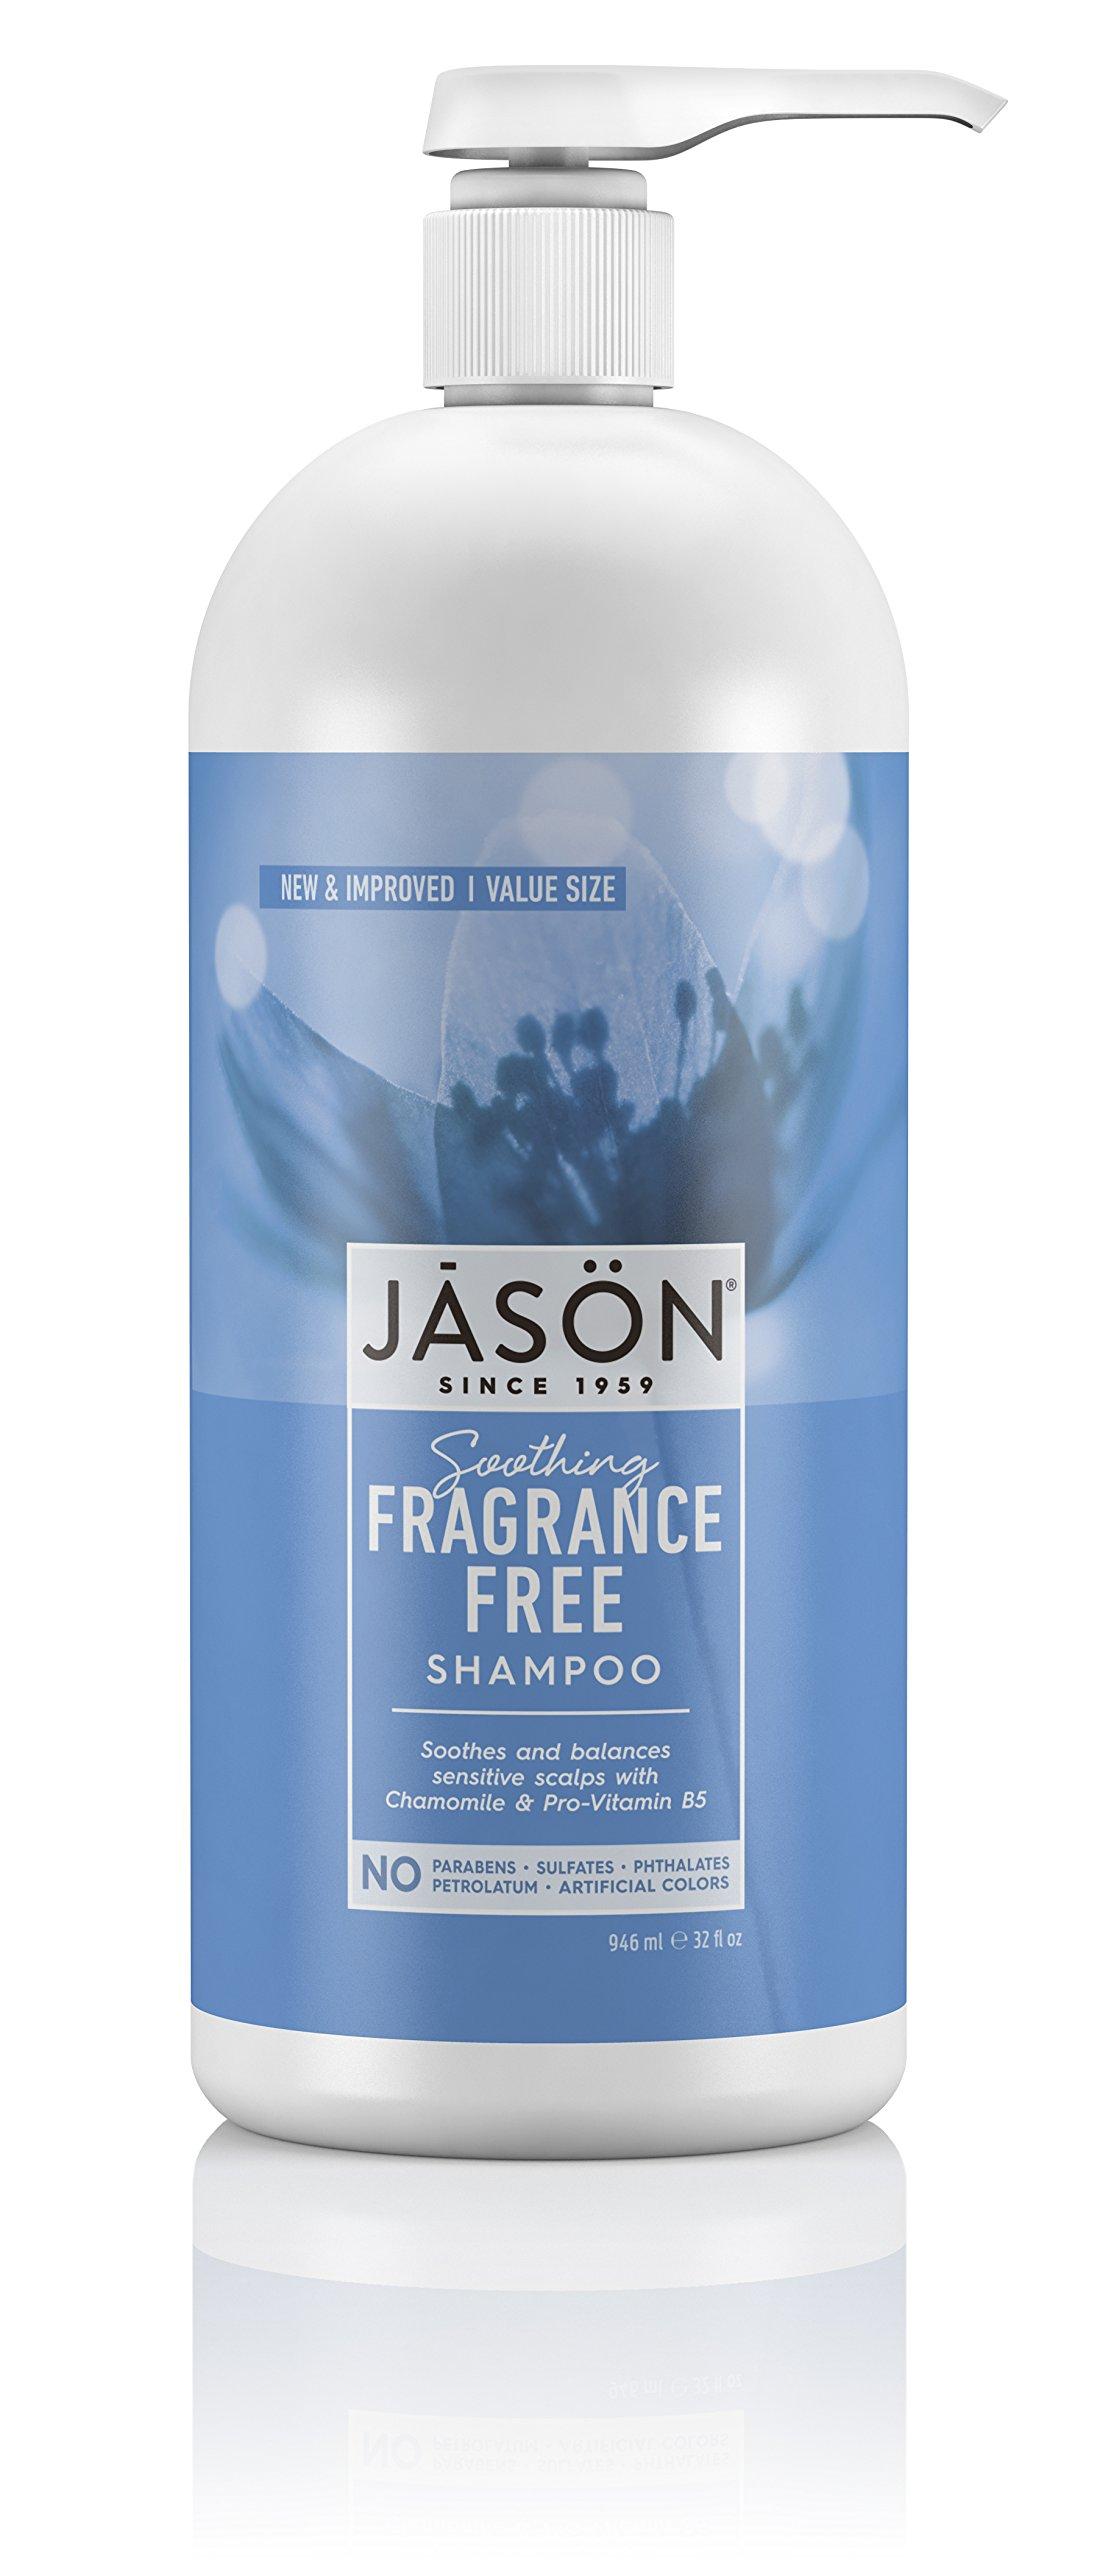 Jason Fragrance Free Shampoo, 32 Fluid Ounce by JASON